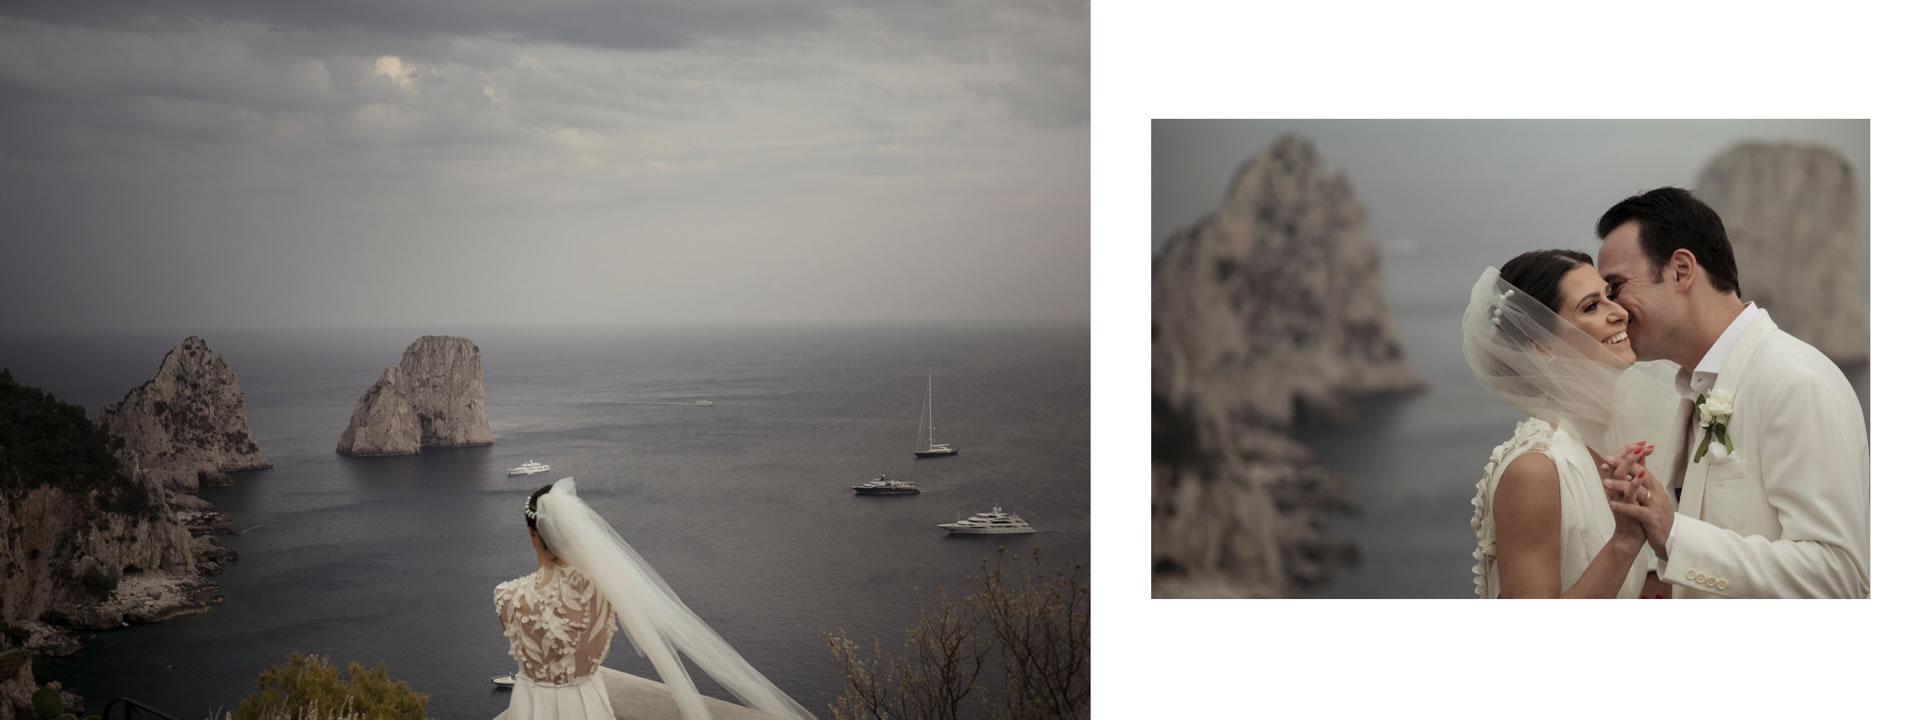 - 41 :: Jewish luxury wedding weekend in Capri :: Luxury wedding photography - 40 ::  - 41